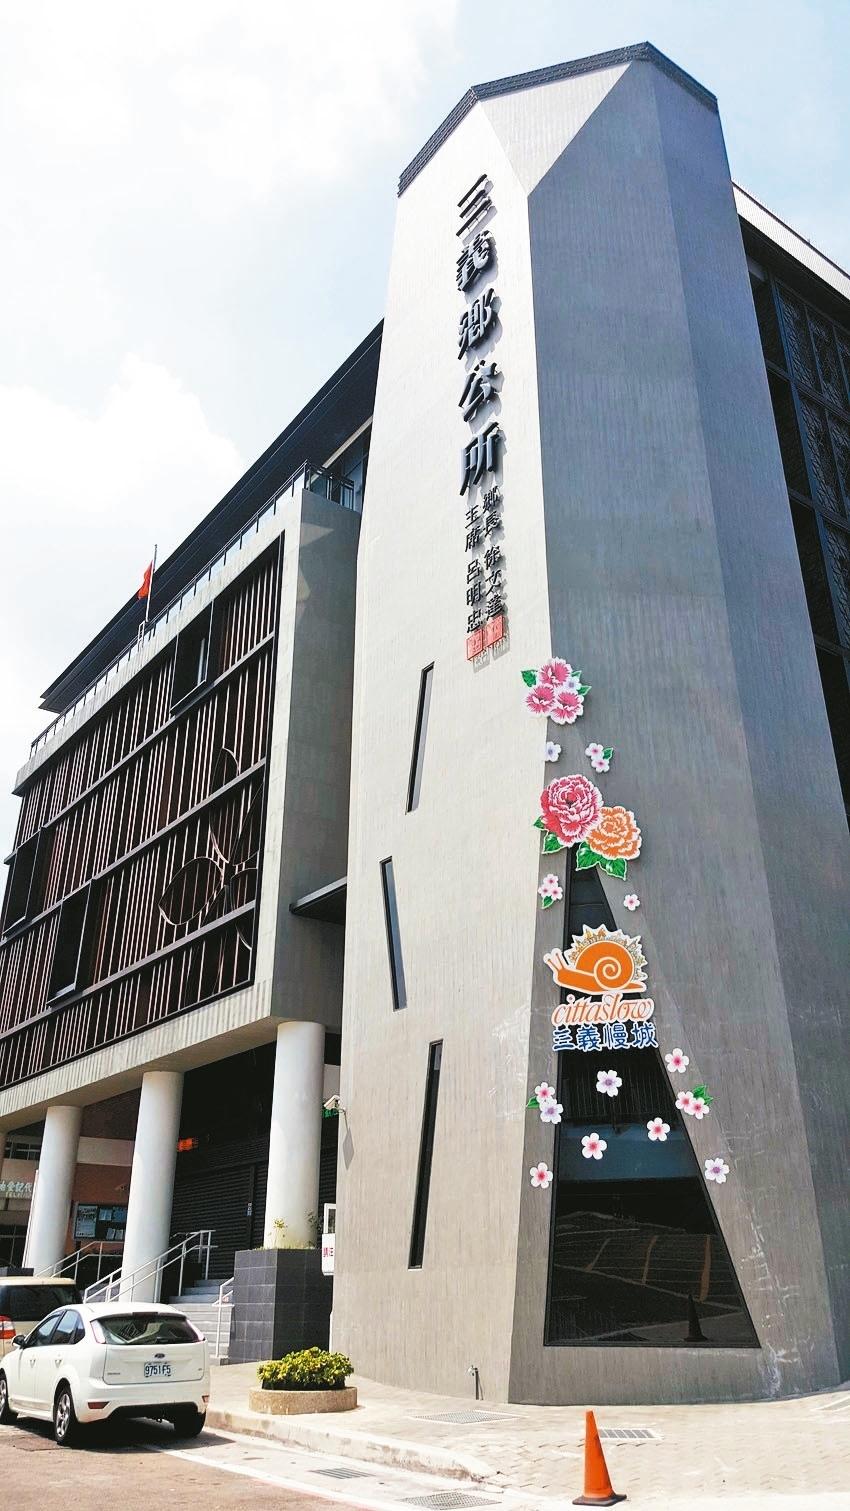 前年落成的三義鄉公所新大樓,是目前苗栗縣最新穎的鄉鎮市公所行政大樓。 記者胡蓬生/攝影